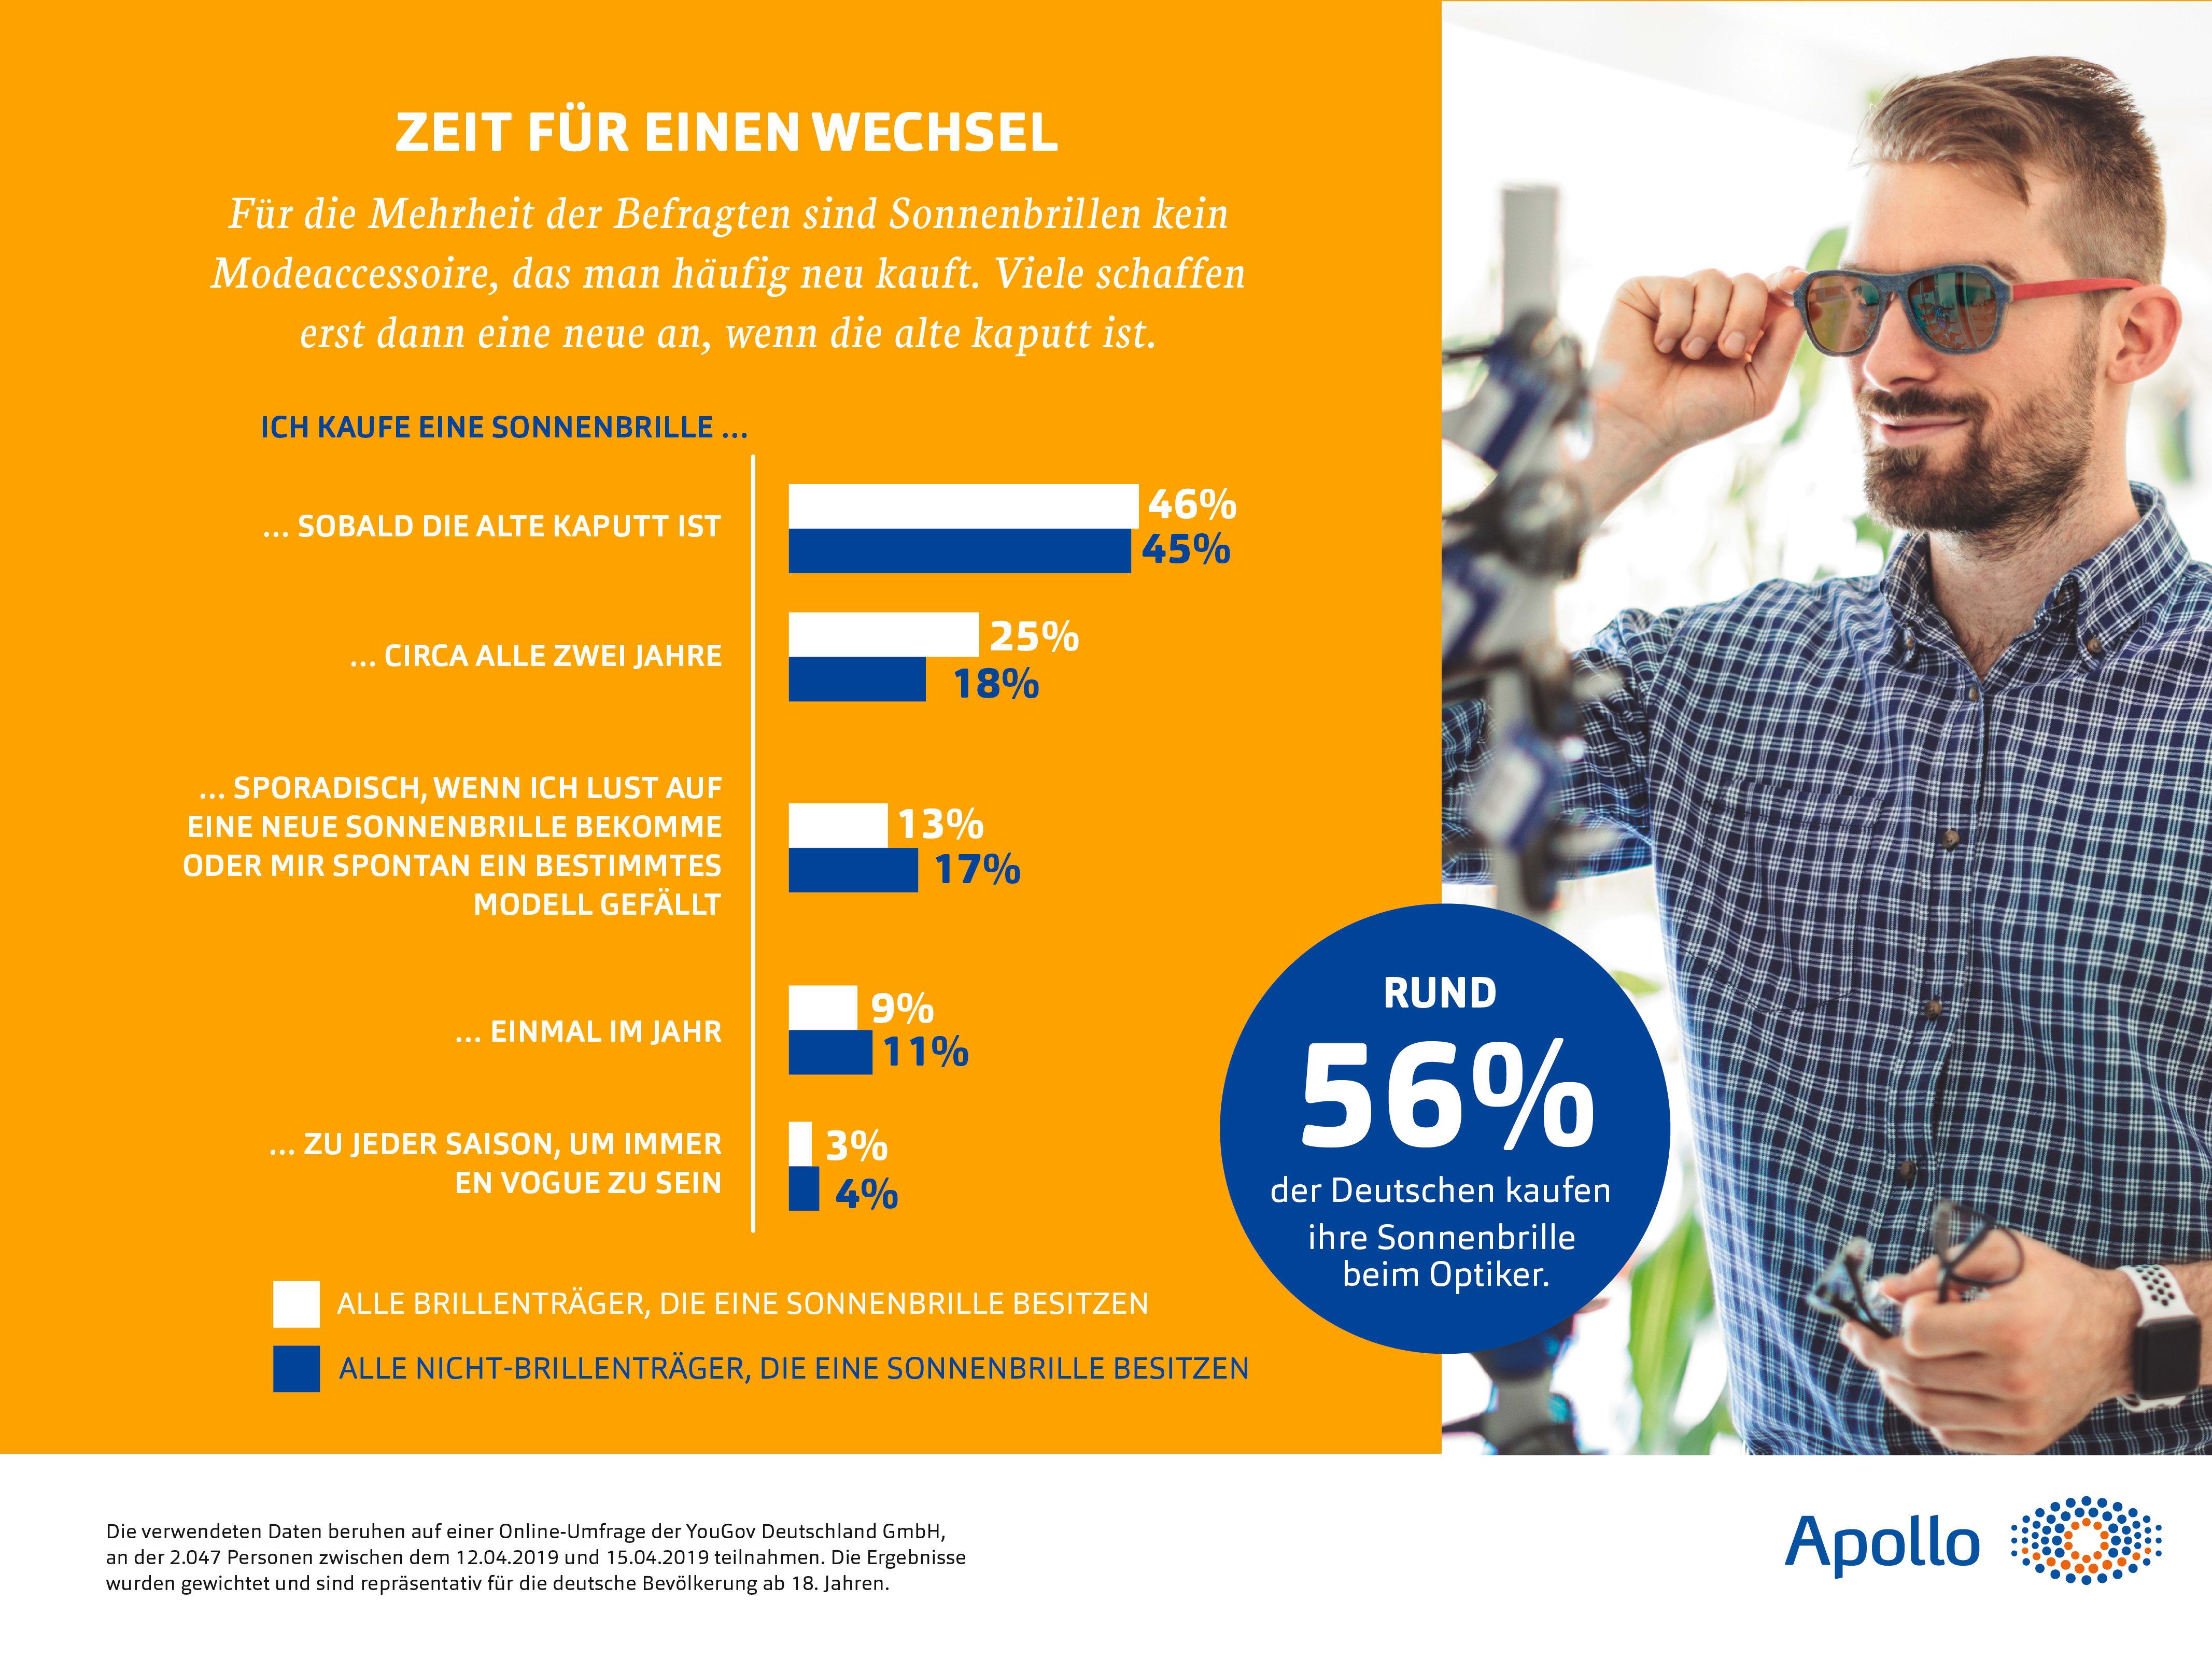 Die meisten Deutschen kaufen erst eine neue Sonnenbrille, wenn die alte kaputt ist